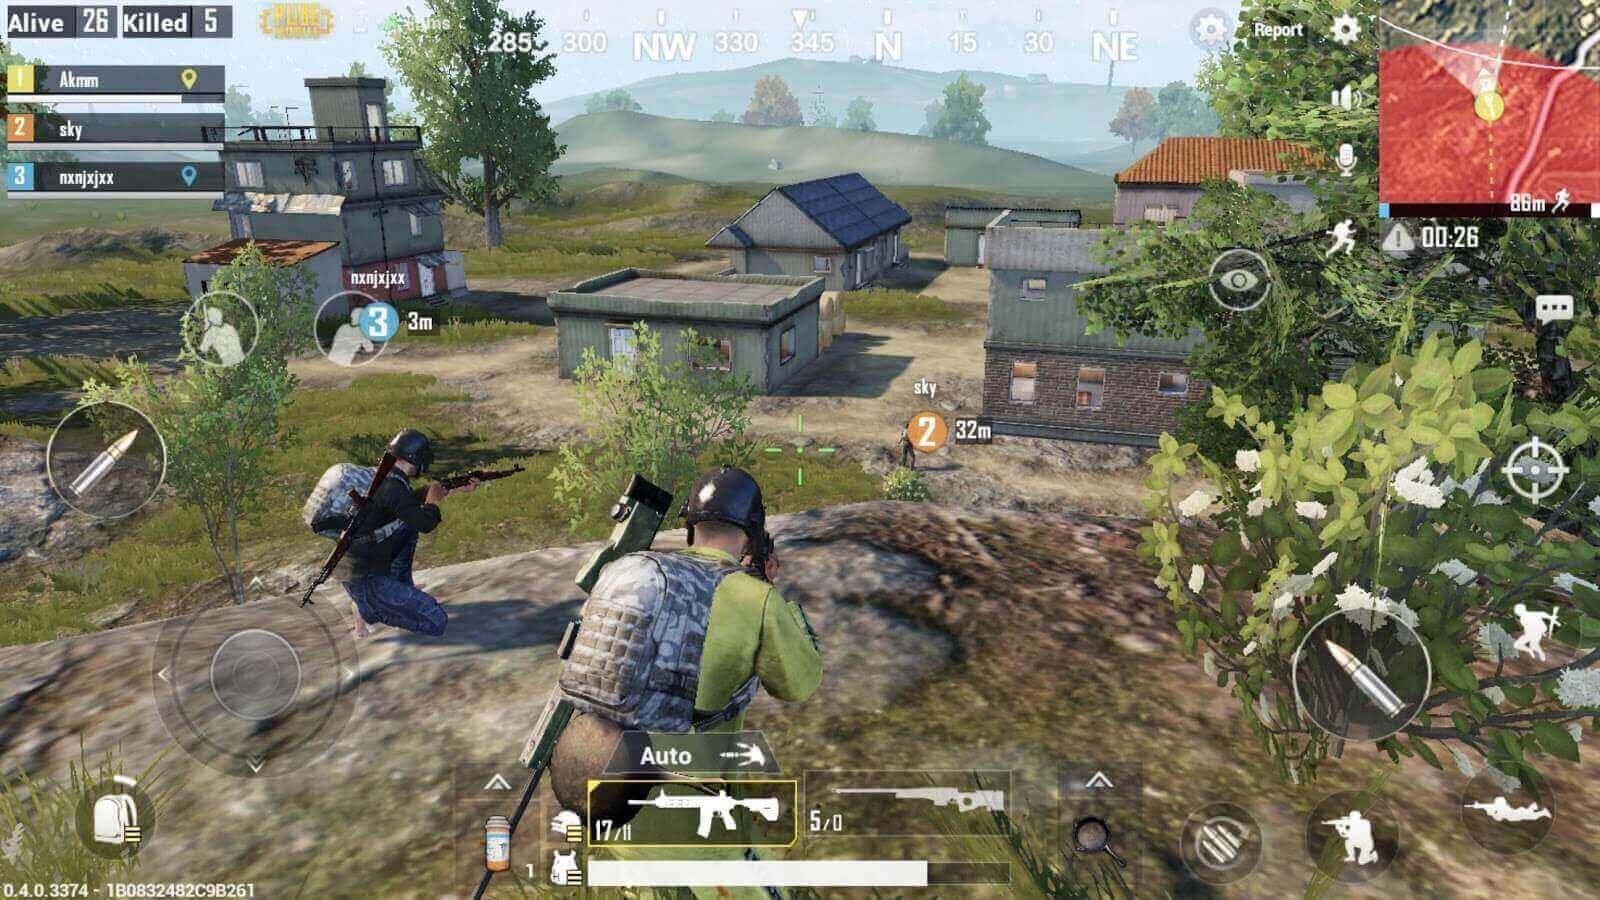 تحميل وتثبيت لعبة ببجي للكمبيوتر Download Pubg Mobile On